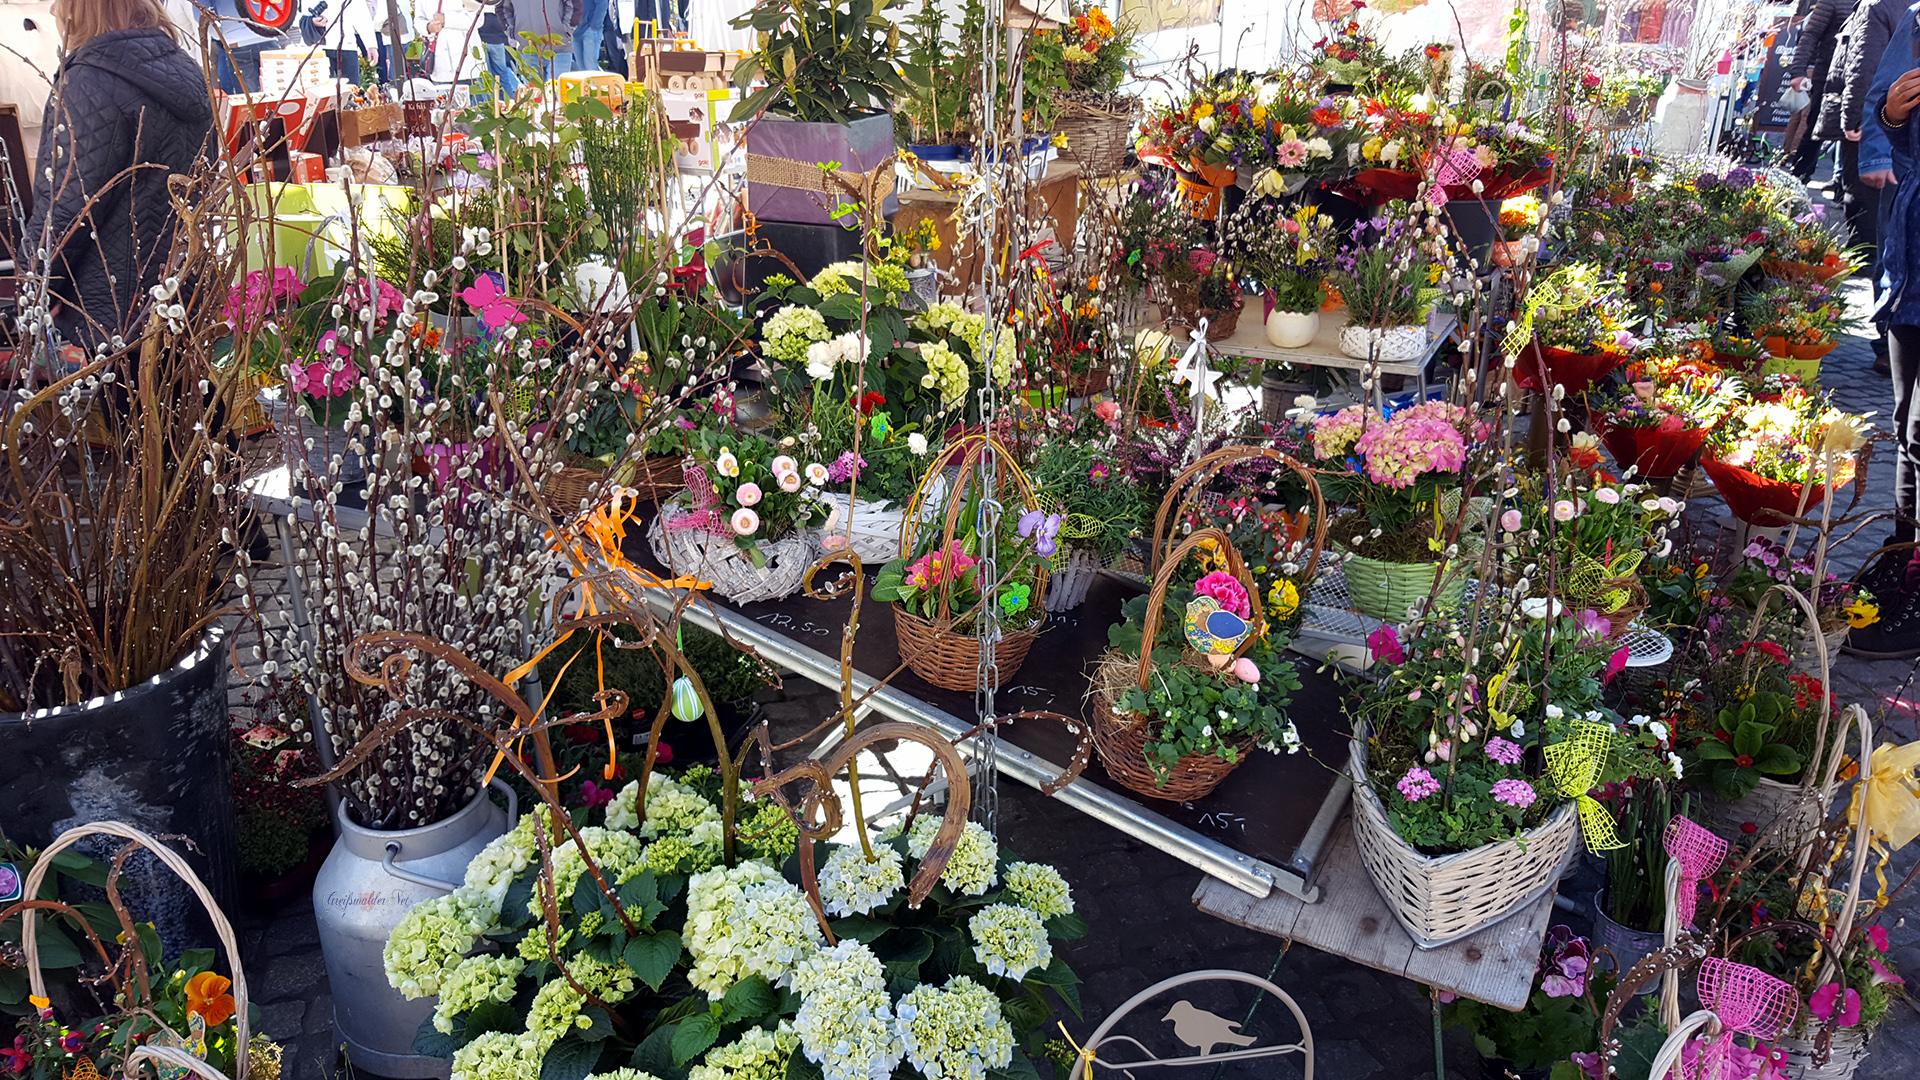 Oster- und Blumenmarkt 2019 in Greifswald